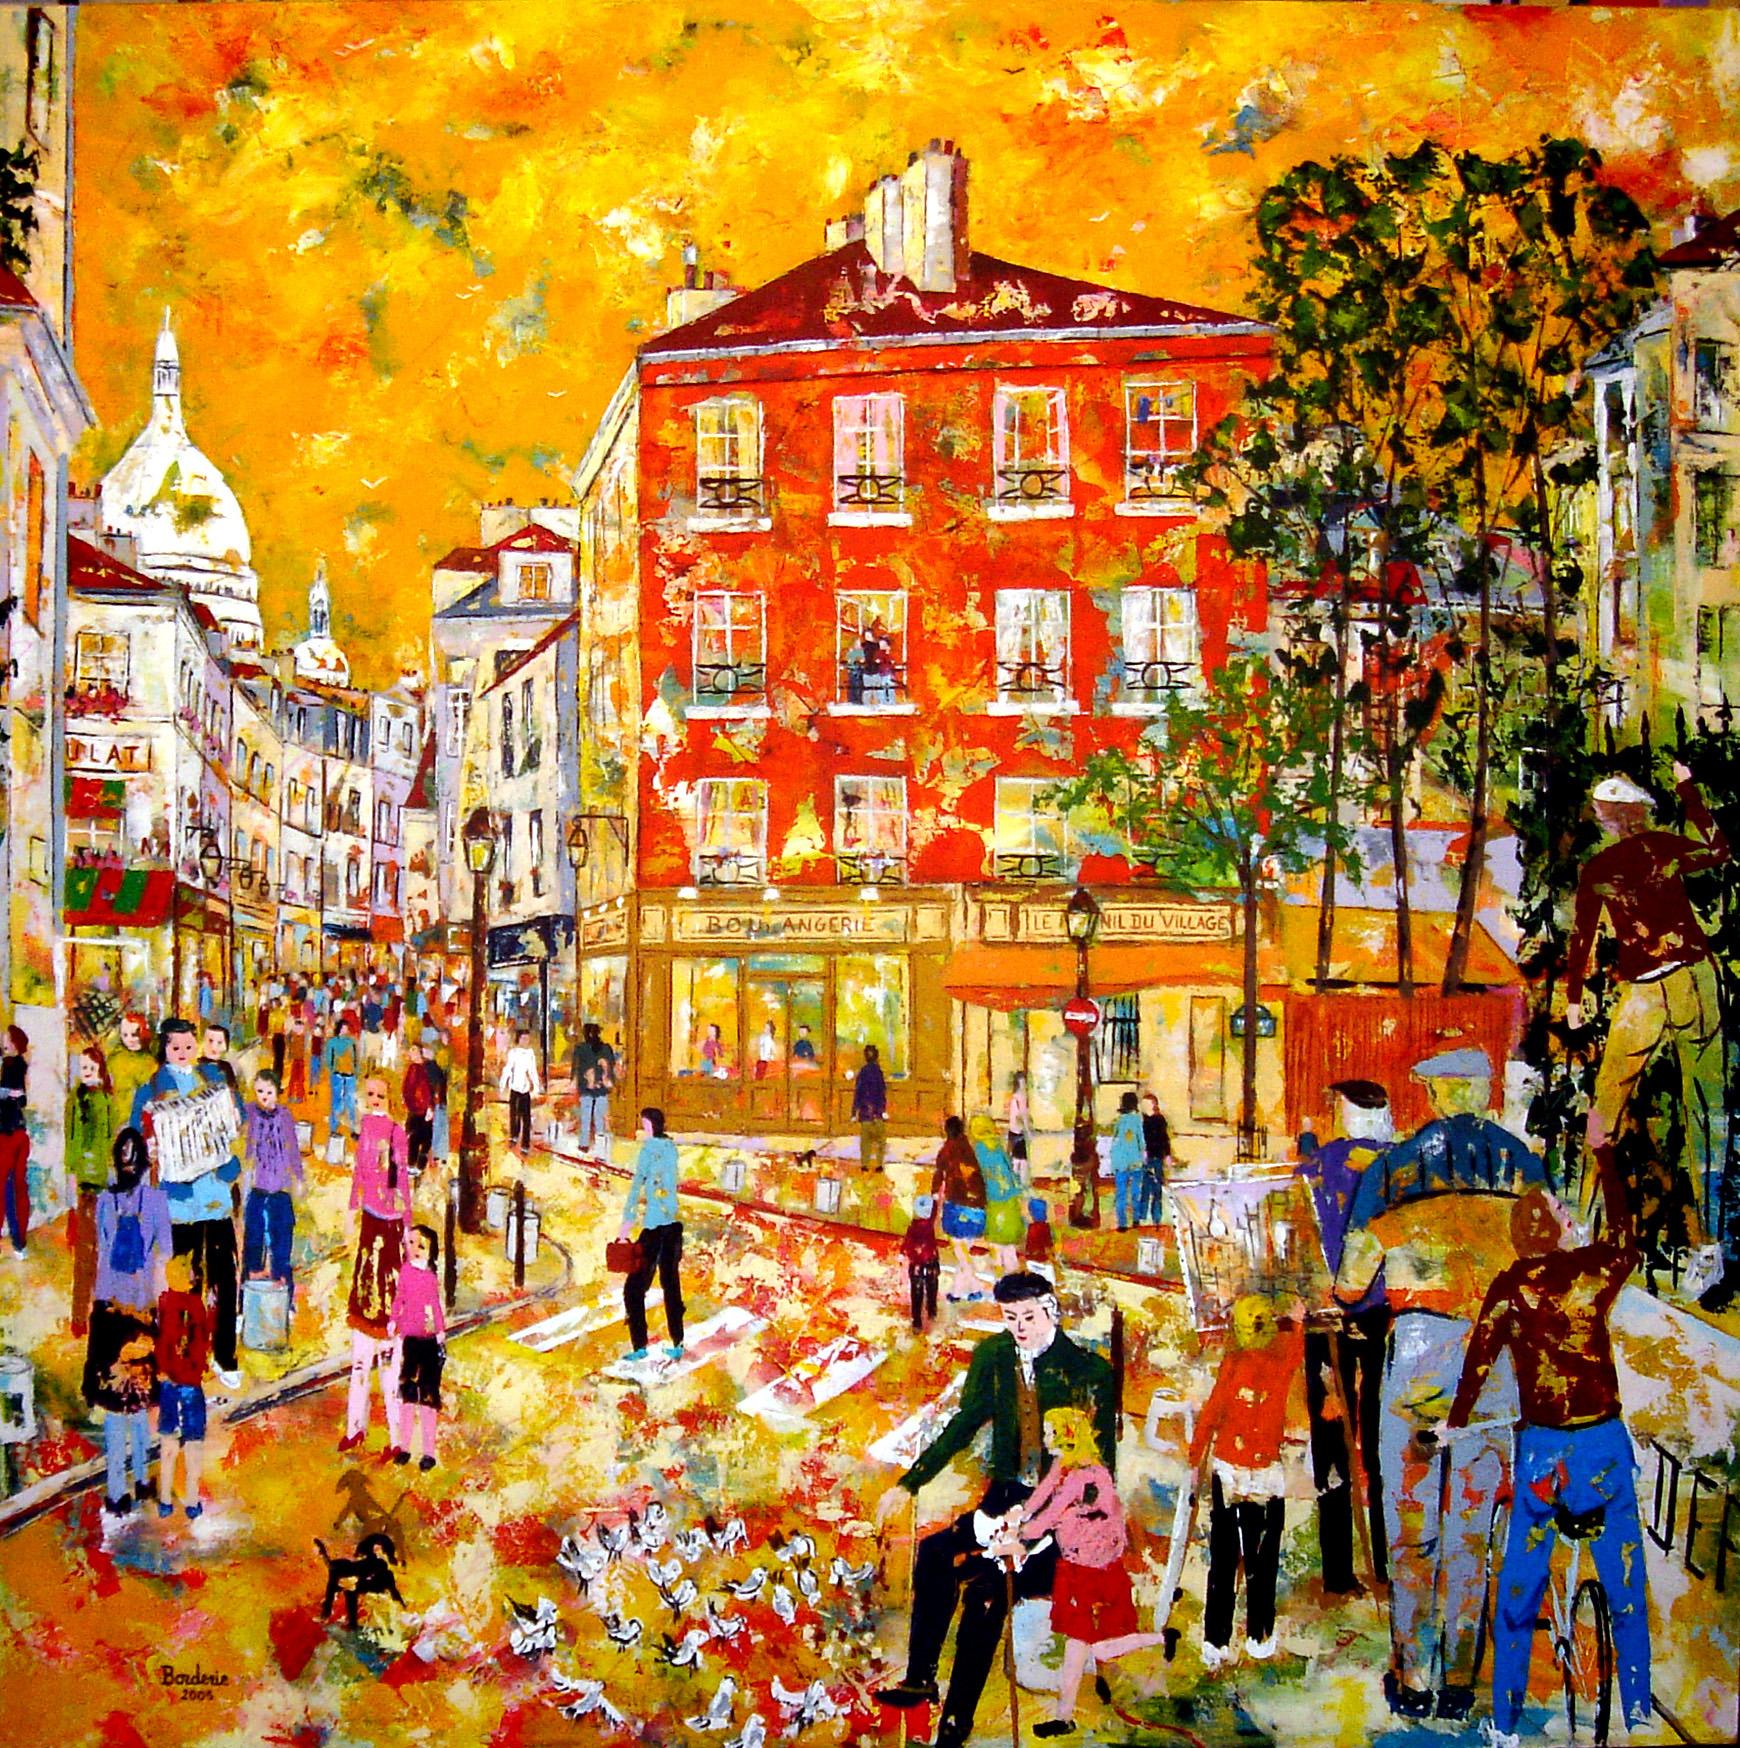 Les enfants de Montmartre et le vieil homme aux pigeons